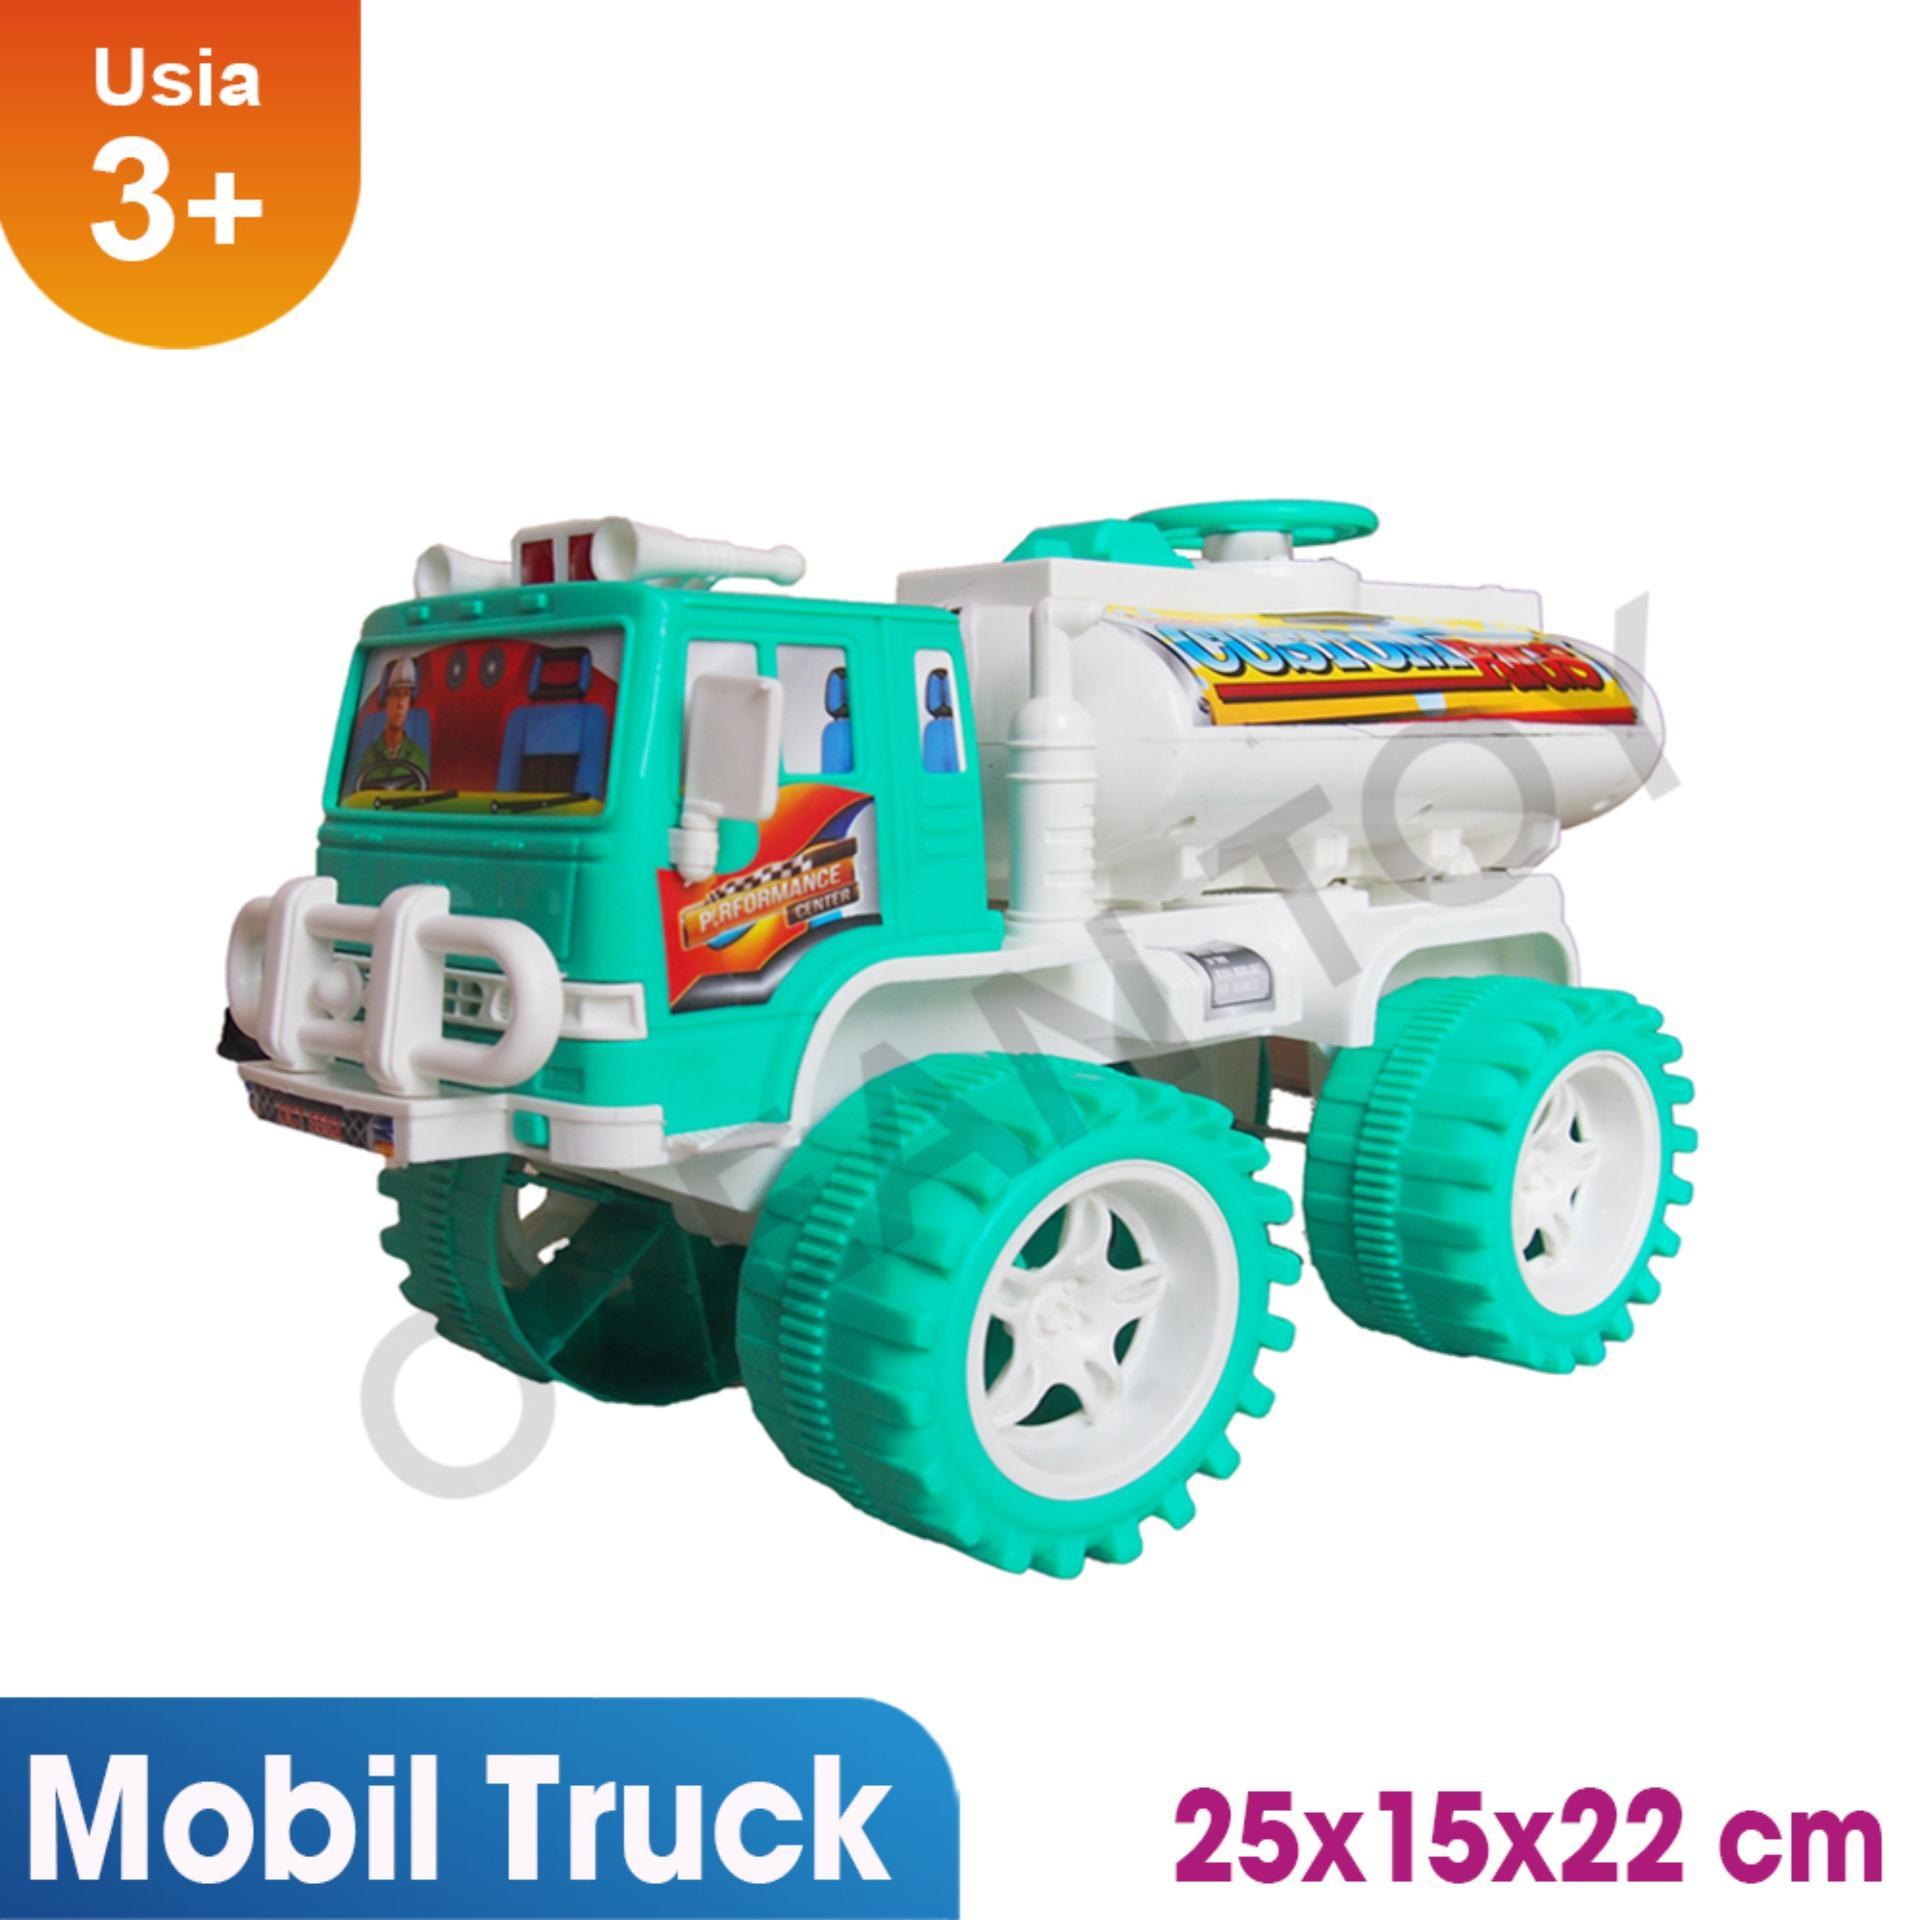 Fitur Ocean Toy Mobil Truk Tangki Mainan Anak Oct5502 Hijau Dan Musical Learning Table 1082